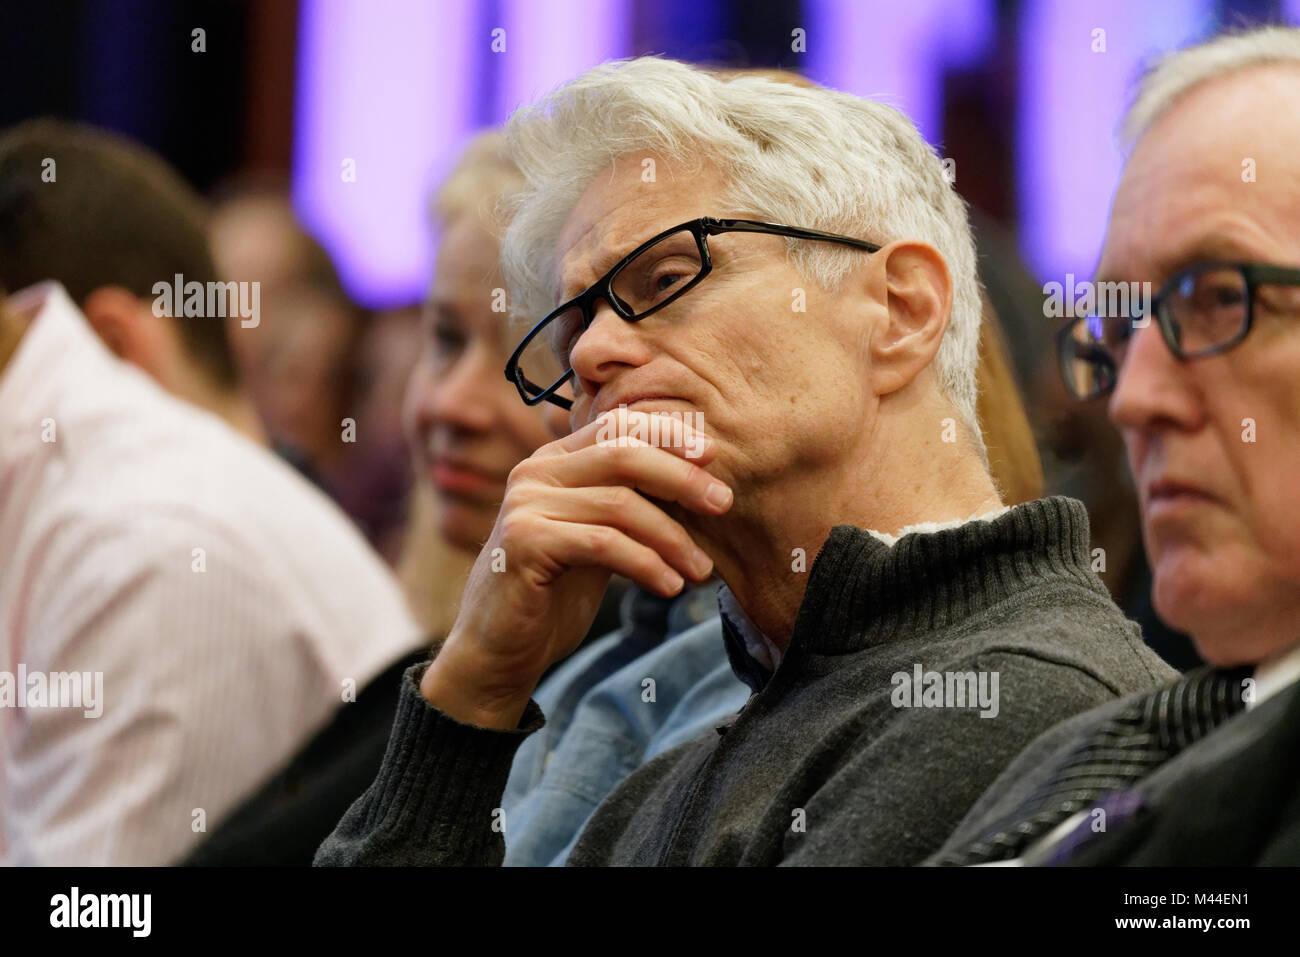 Un hombre escucha Rep. Jerrold Nadler (D-Nueva York el 10º Distrito Congresional) en una reunión en el Imagen De Stock